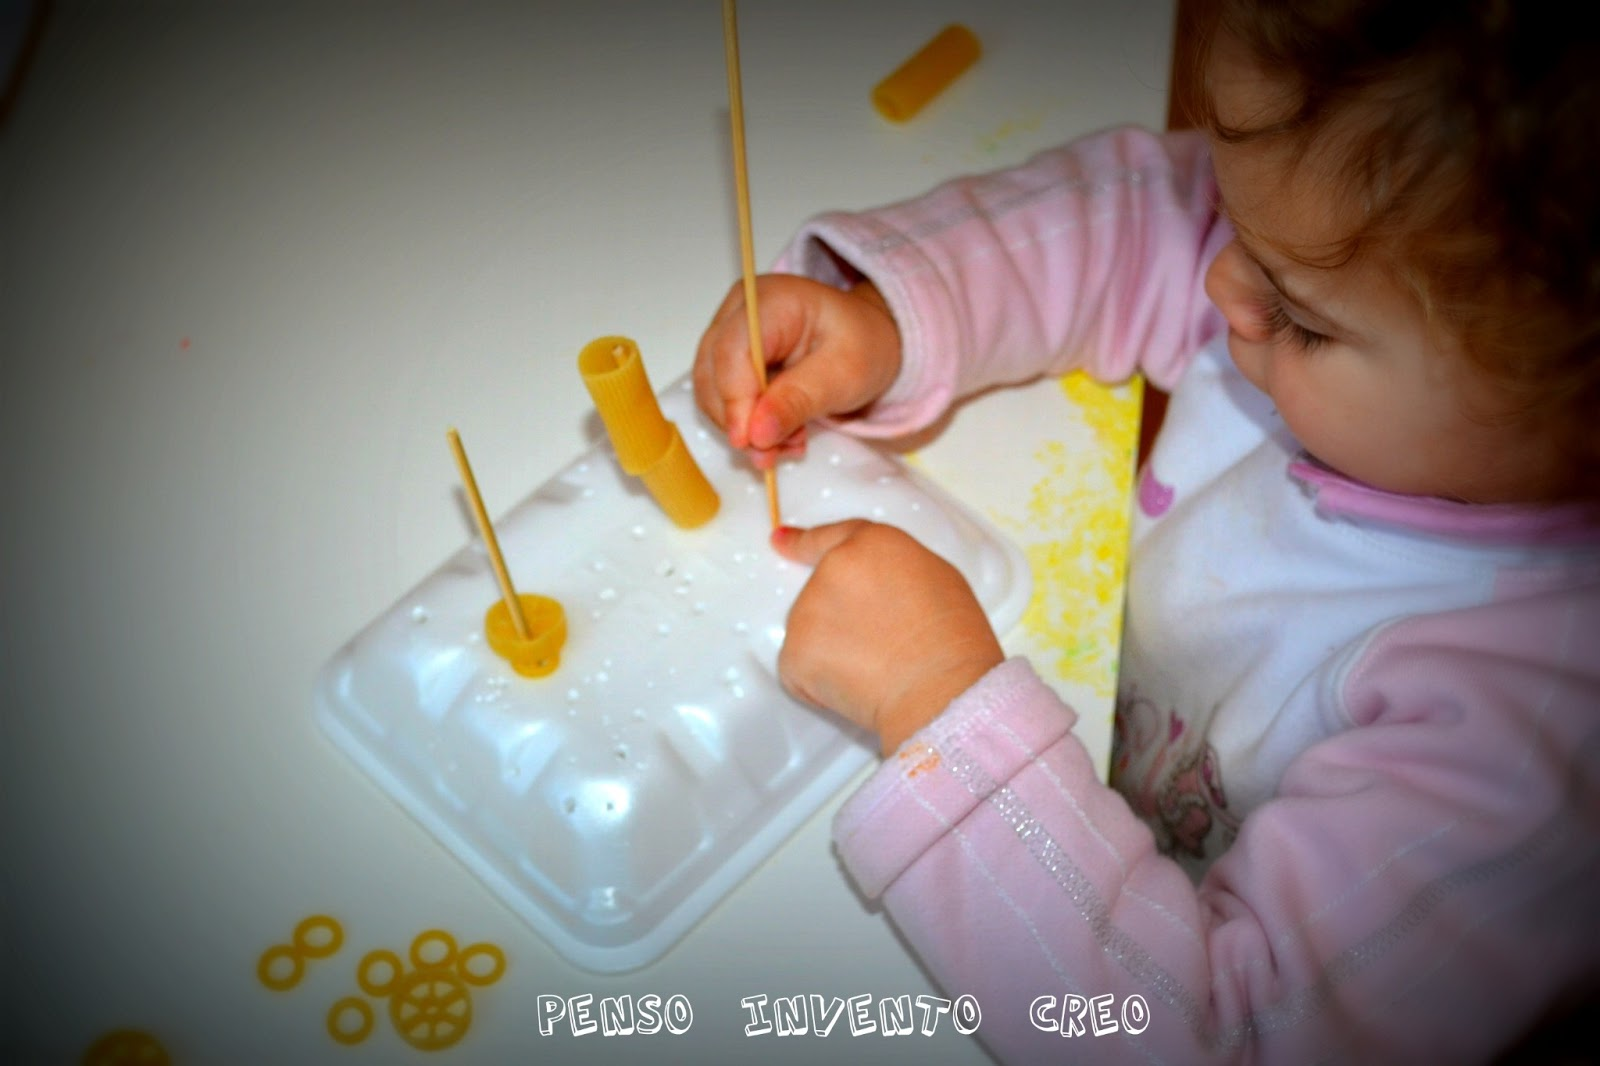 3 giochi da fare in casa per bambini da 0 a 2 anni penso invento creo - Casa plastica per bambini ...